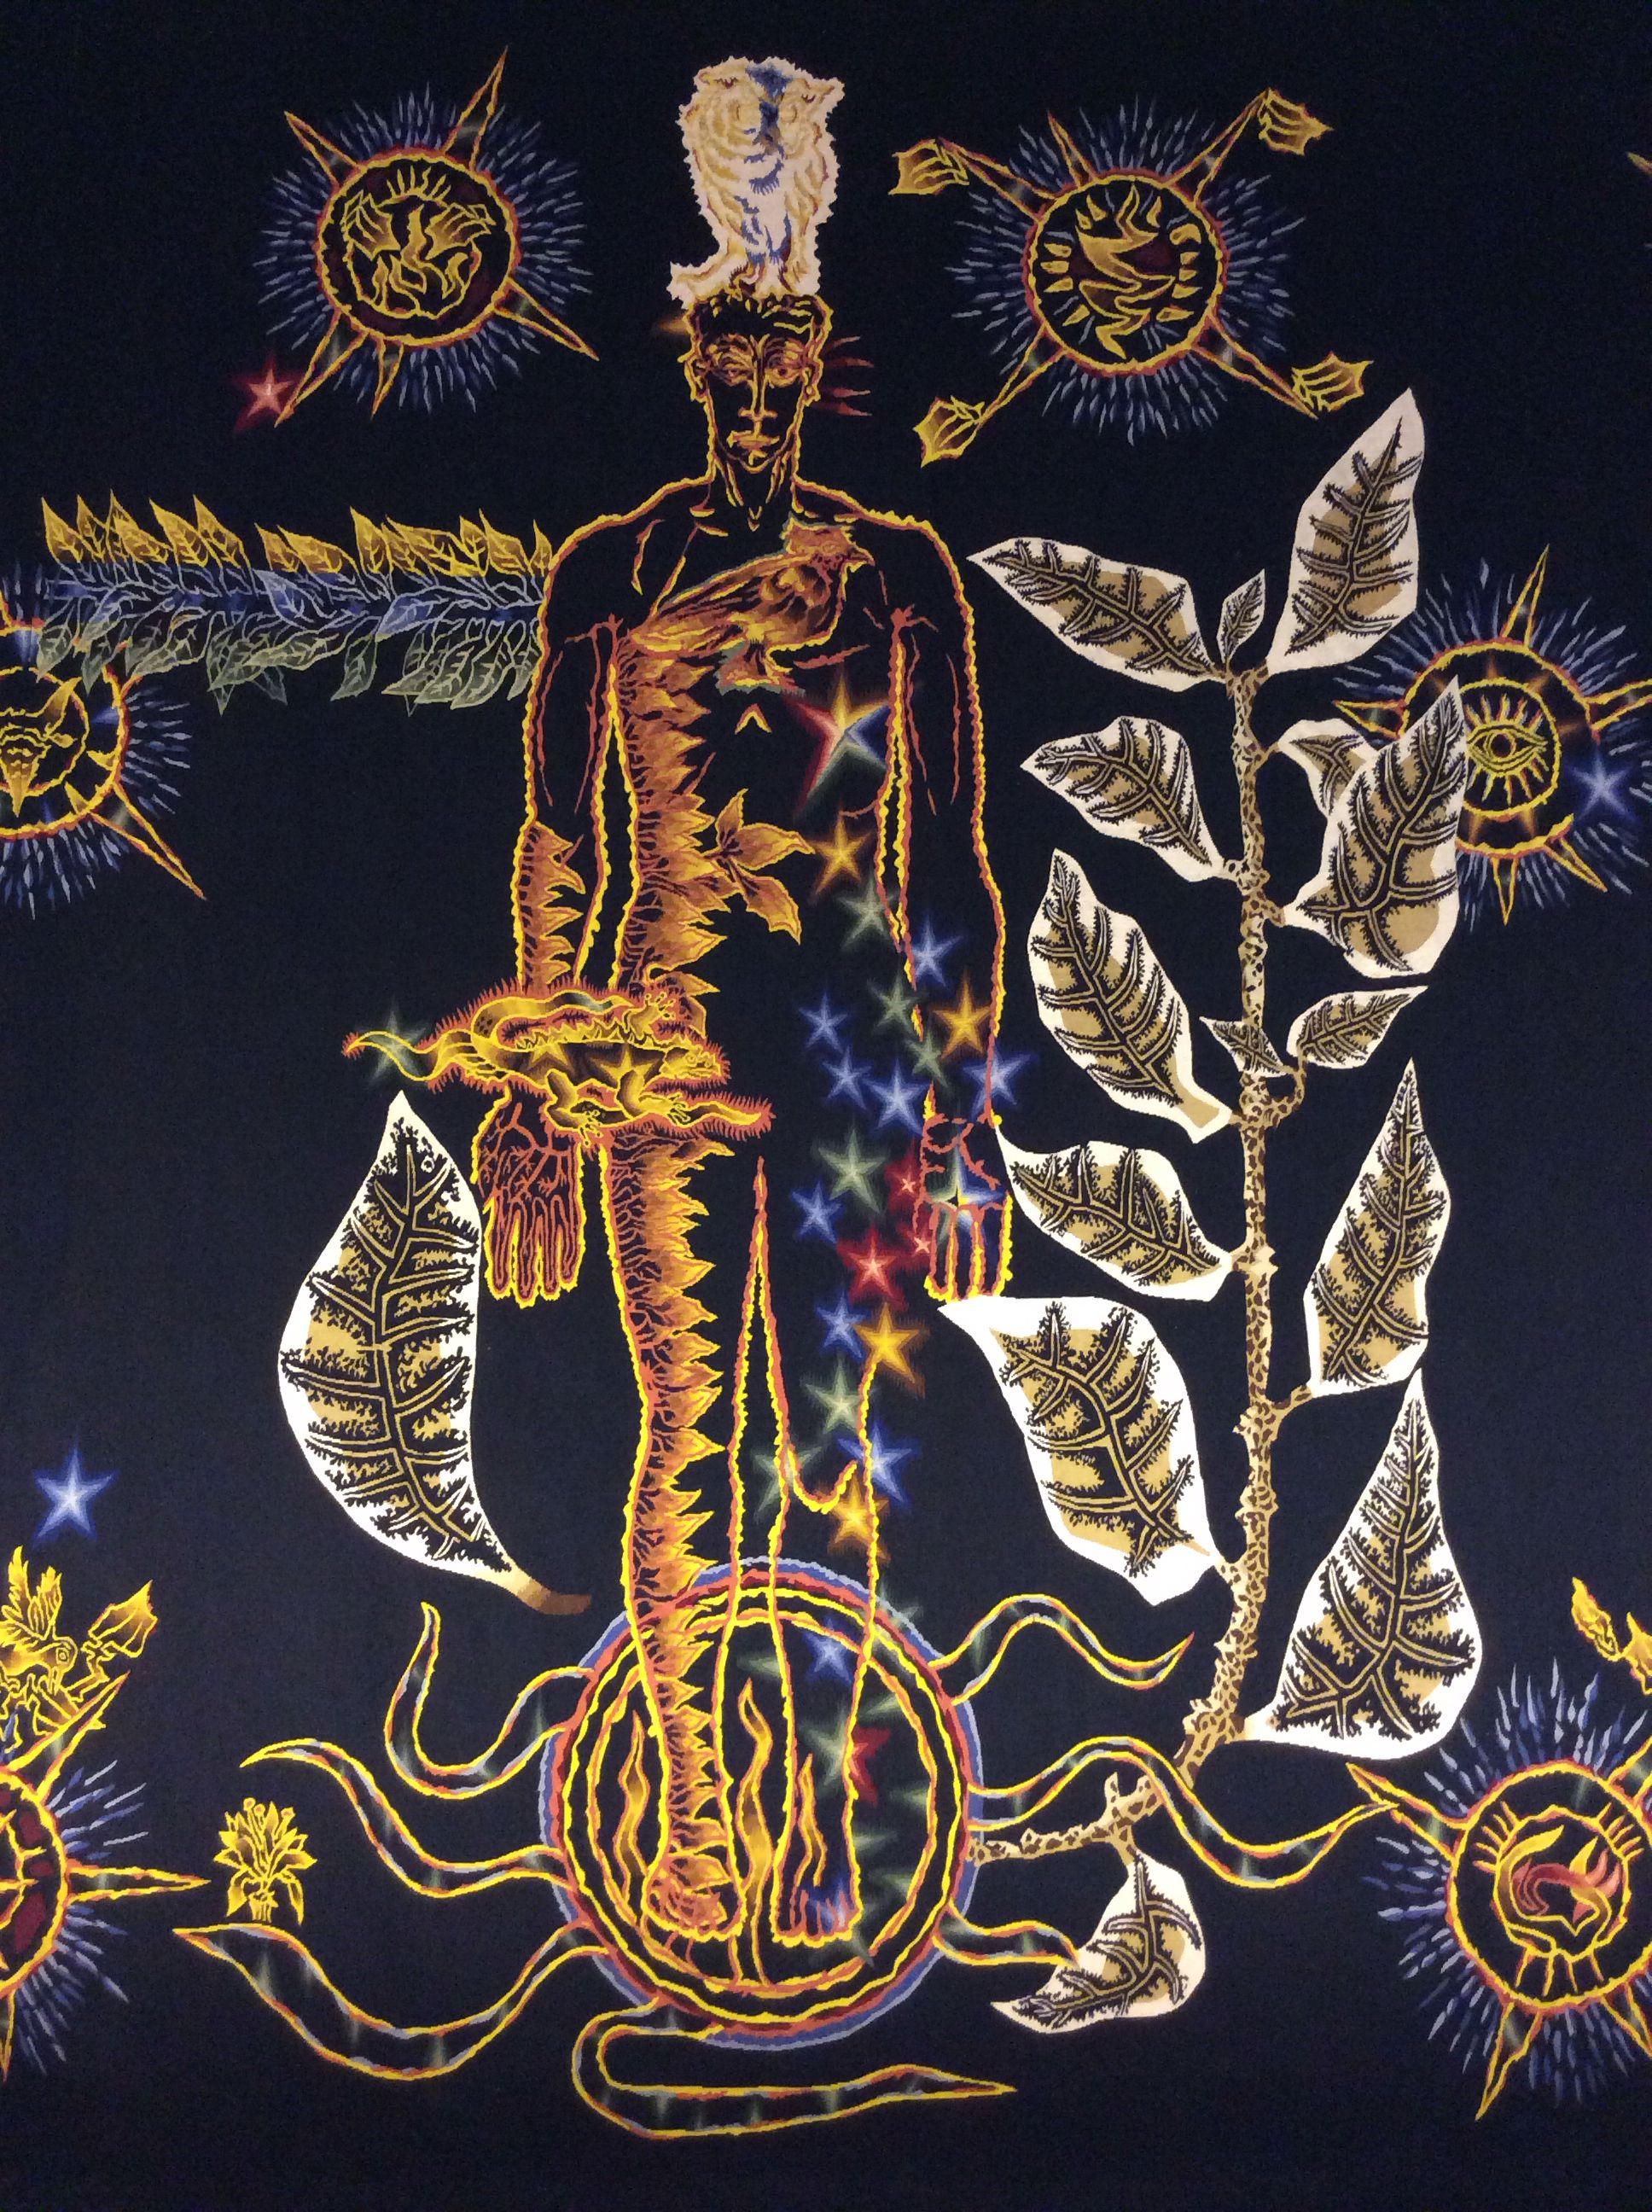 L'Homme en Gloire du Chant du Monde - La seconde         partie de ma tapisserie, qui débute d'ailleurs par une         trè… | Tapisserie aubusson, Tapisserie, Costumes de théâtre